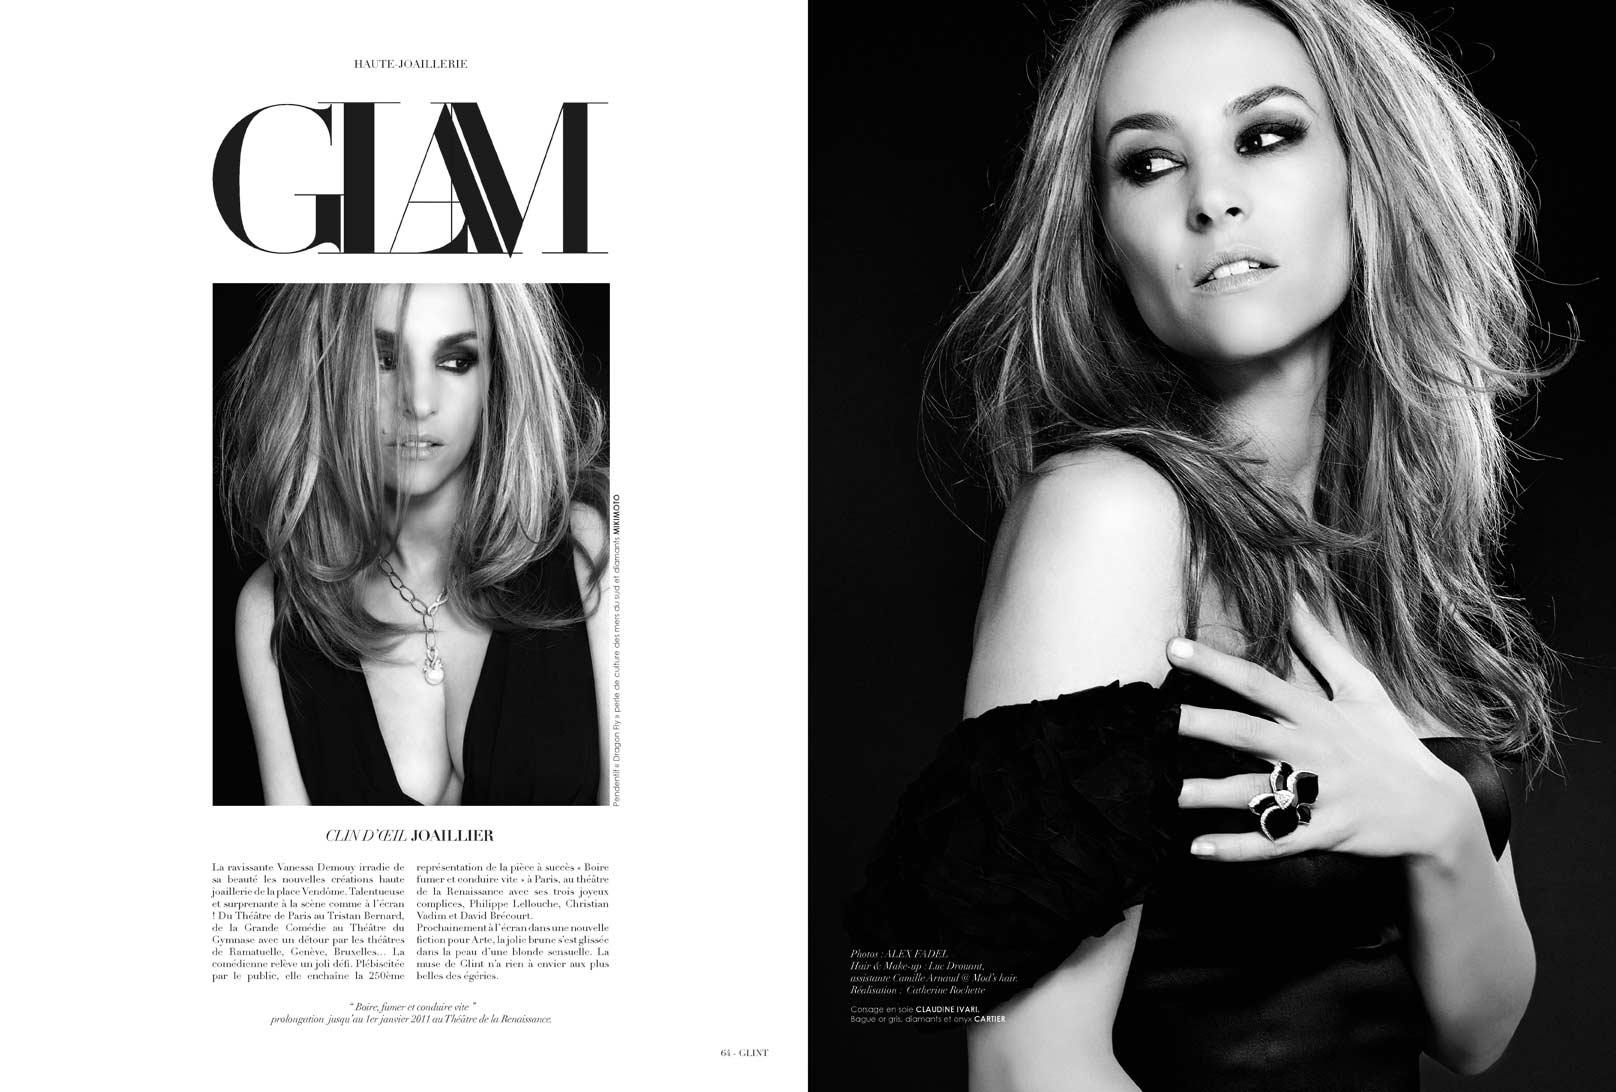 Glint-Magazine-Vanessa-demouy